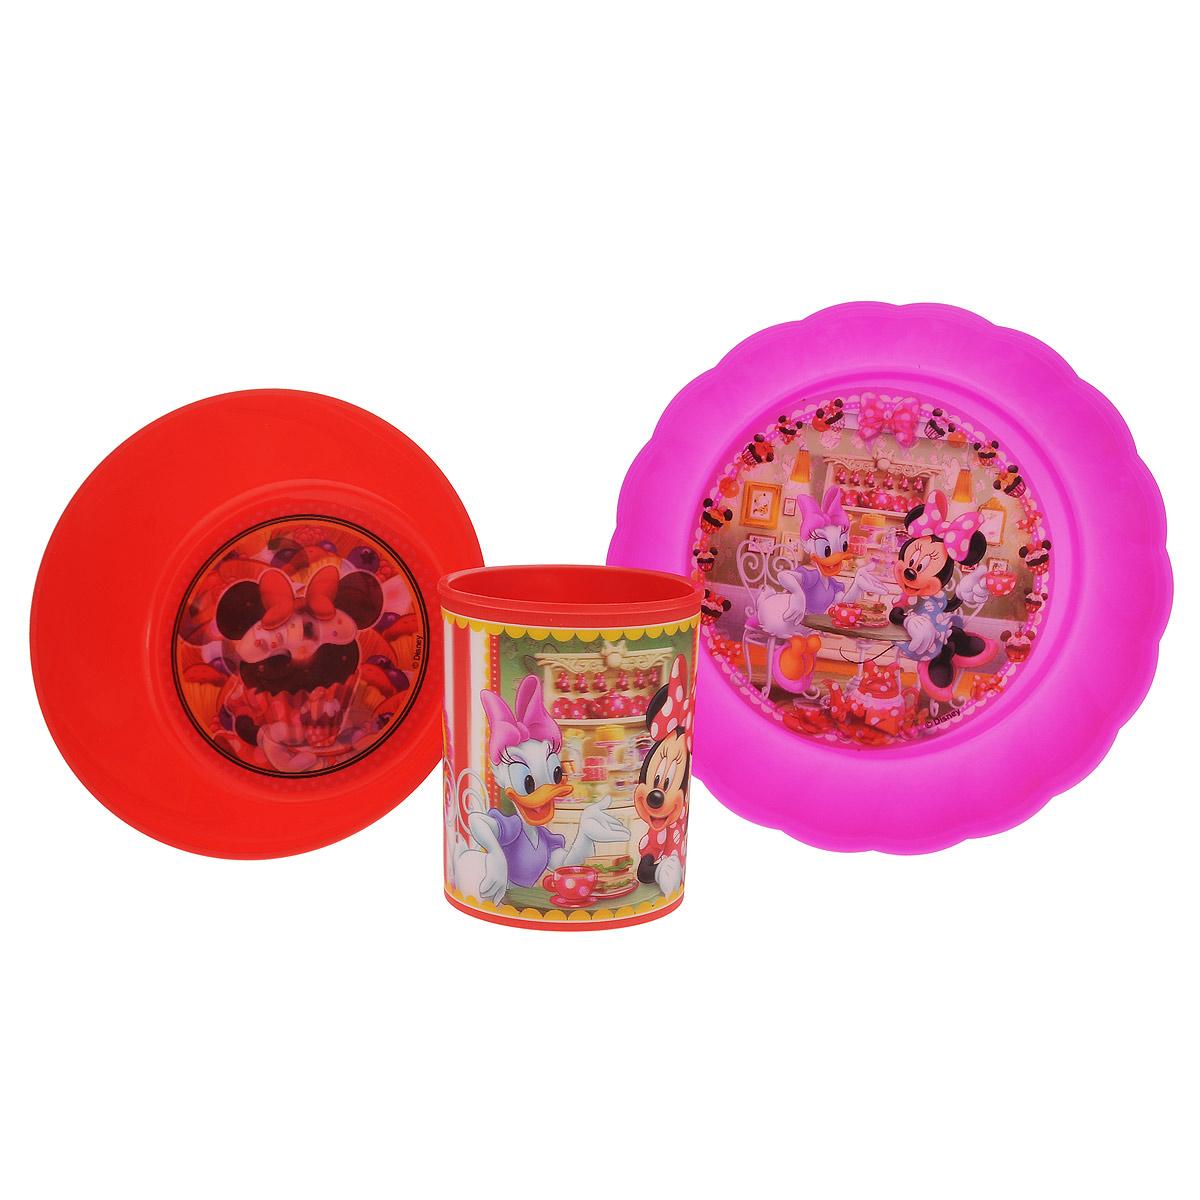 Набор детской посуды Disney Минни и Дейзи, цвет: красный, розовый, 3 предметаSW4003Набор детской посуды Disney Минни и Дейзи состоит из стакана, салатника и тарелки. Посуда, выполненная из пищевого пластика, оформлена изображениями героев популярного мультфильма Клуб Микки Мауса - Минни и Дейзи. Рисунки находятся под слоем прозрачного структурного пластика (линзы), создающего эффект объемного изображения, как в 3D кино, и исключающего попадание краски в жидкость. Небьющаяся посуда, красивая, легкая и удобная в уходе, прекрасно выдерживает горячую пищу. Ваш малыш с удовольствием будет кушать вместе с любимыми героями. Объем стакана: 325 мл. Высота стакана: 9 см. Диаметр стакана (по верхнему краю): 7,5 см. Диаметр салатника: 15 см. Высота салатника: 5 см. Диаметр тарелки: 18 см. Высота тарелки: 4 см.